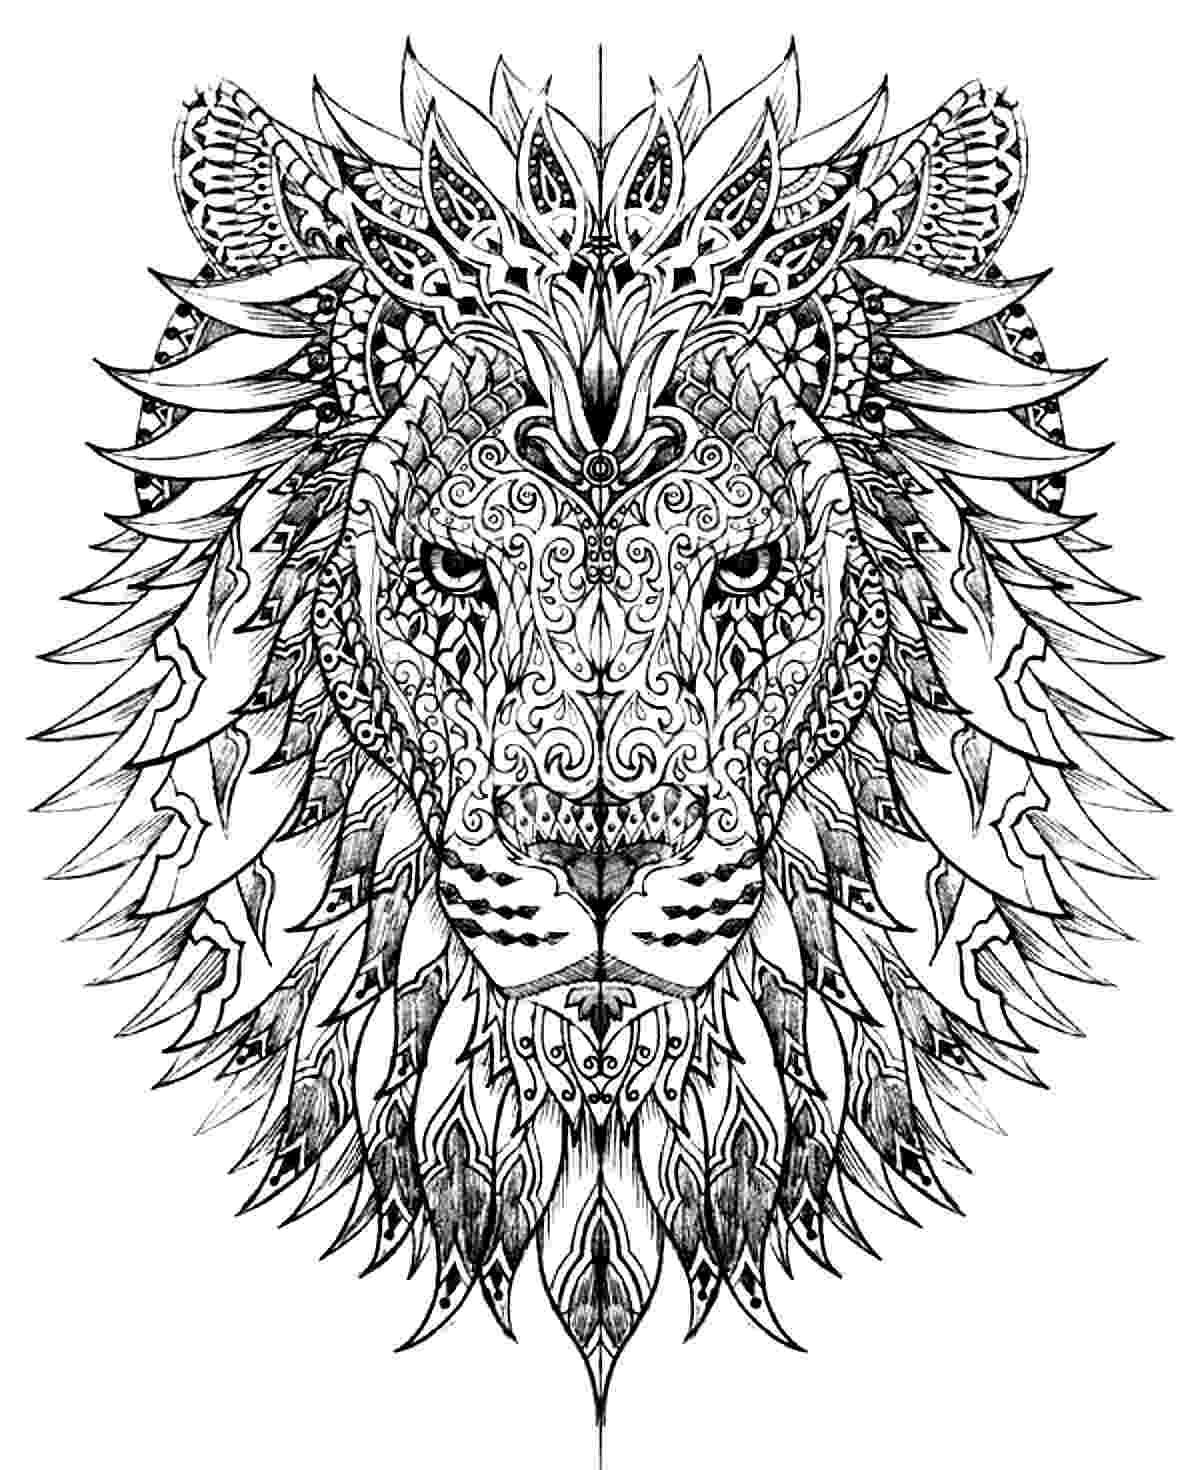 lion head coloring page lion head lions adult coloring pages page lion coloring head